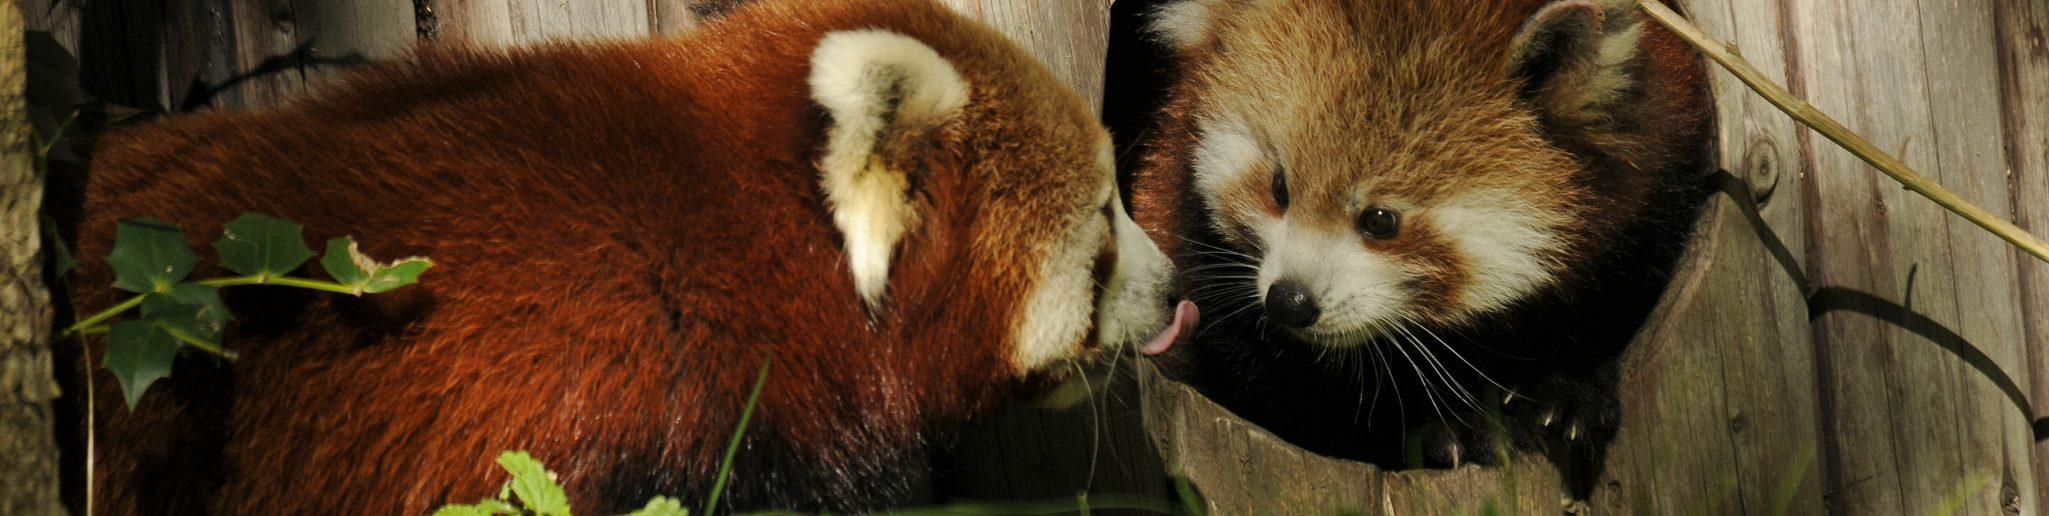 kleine rode pandajong met moeder